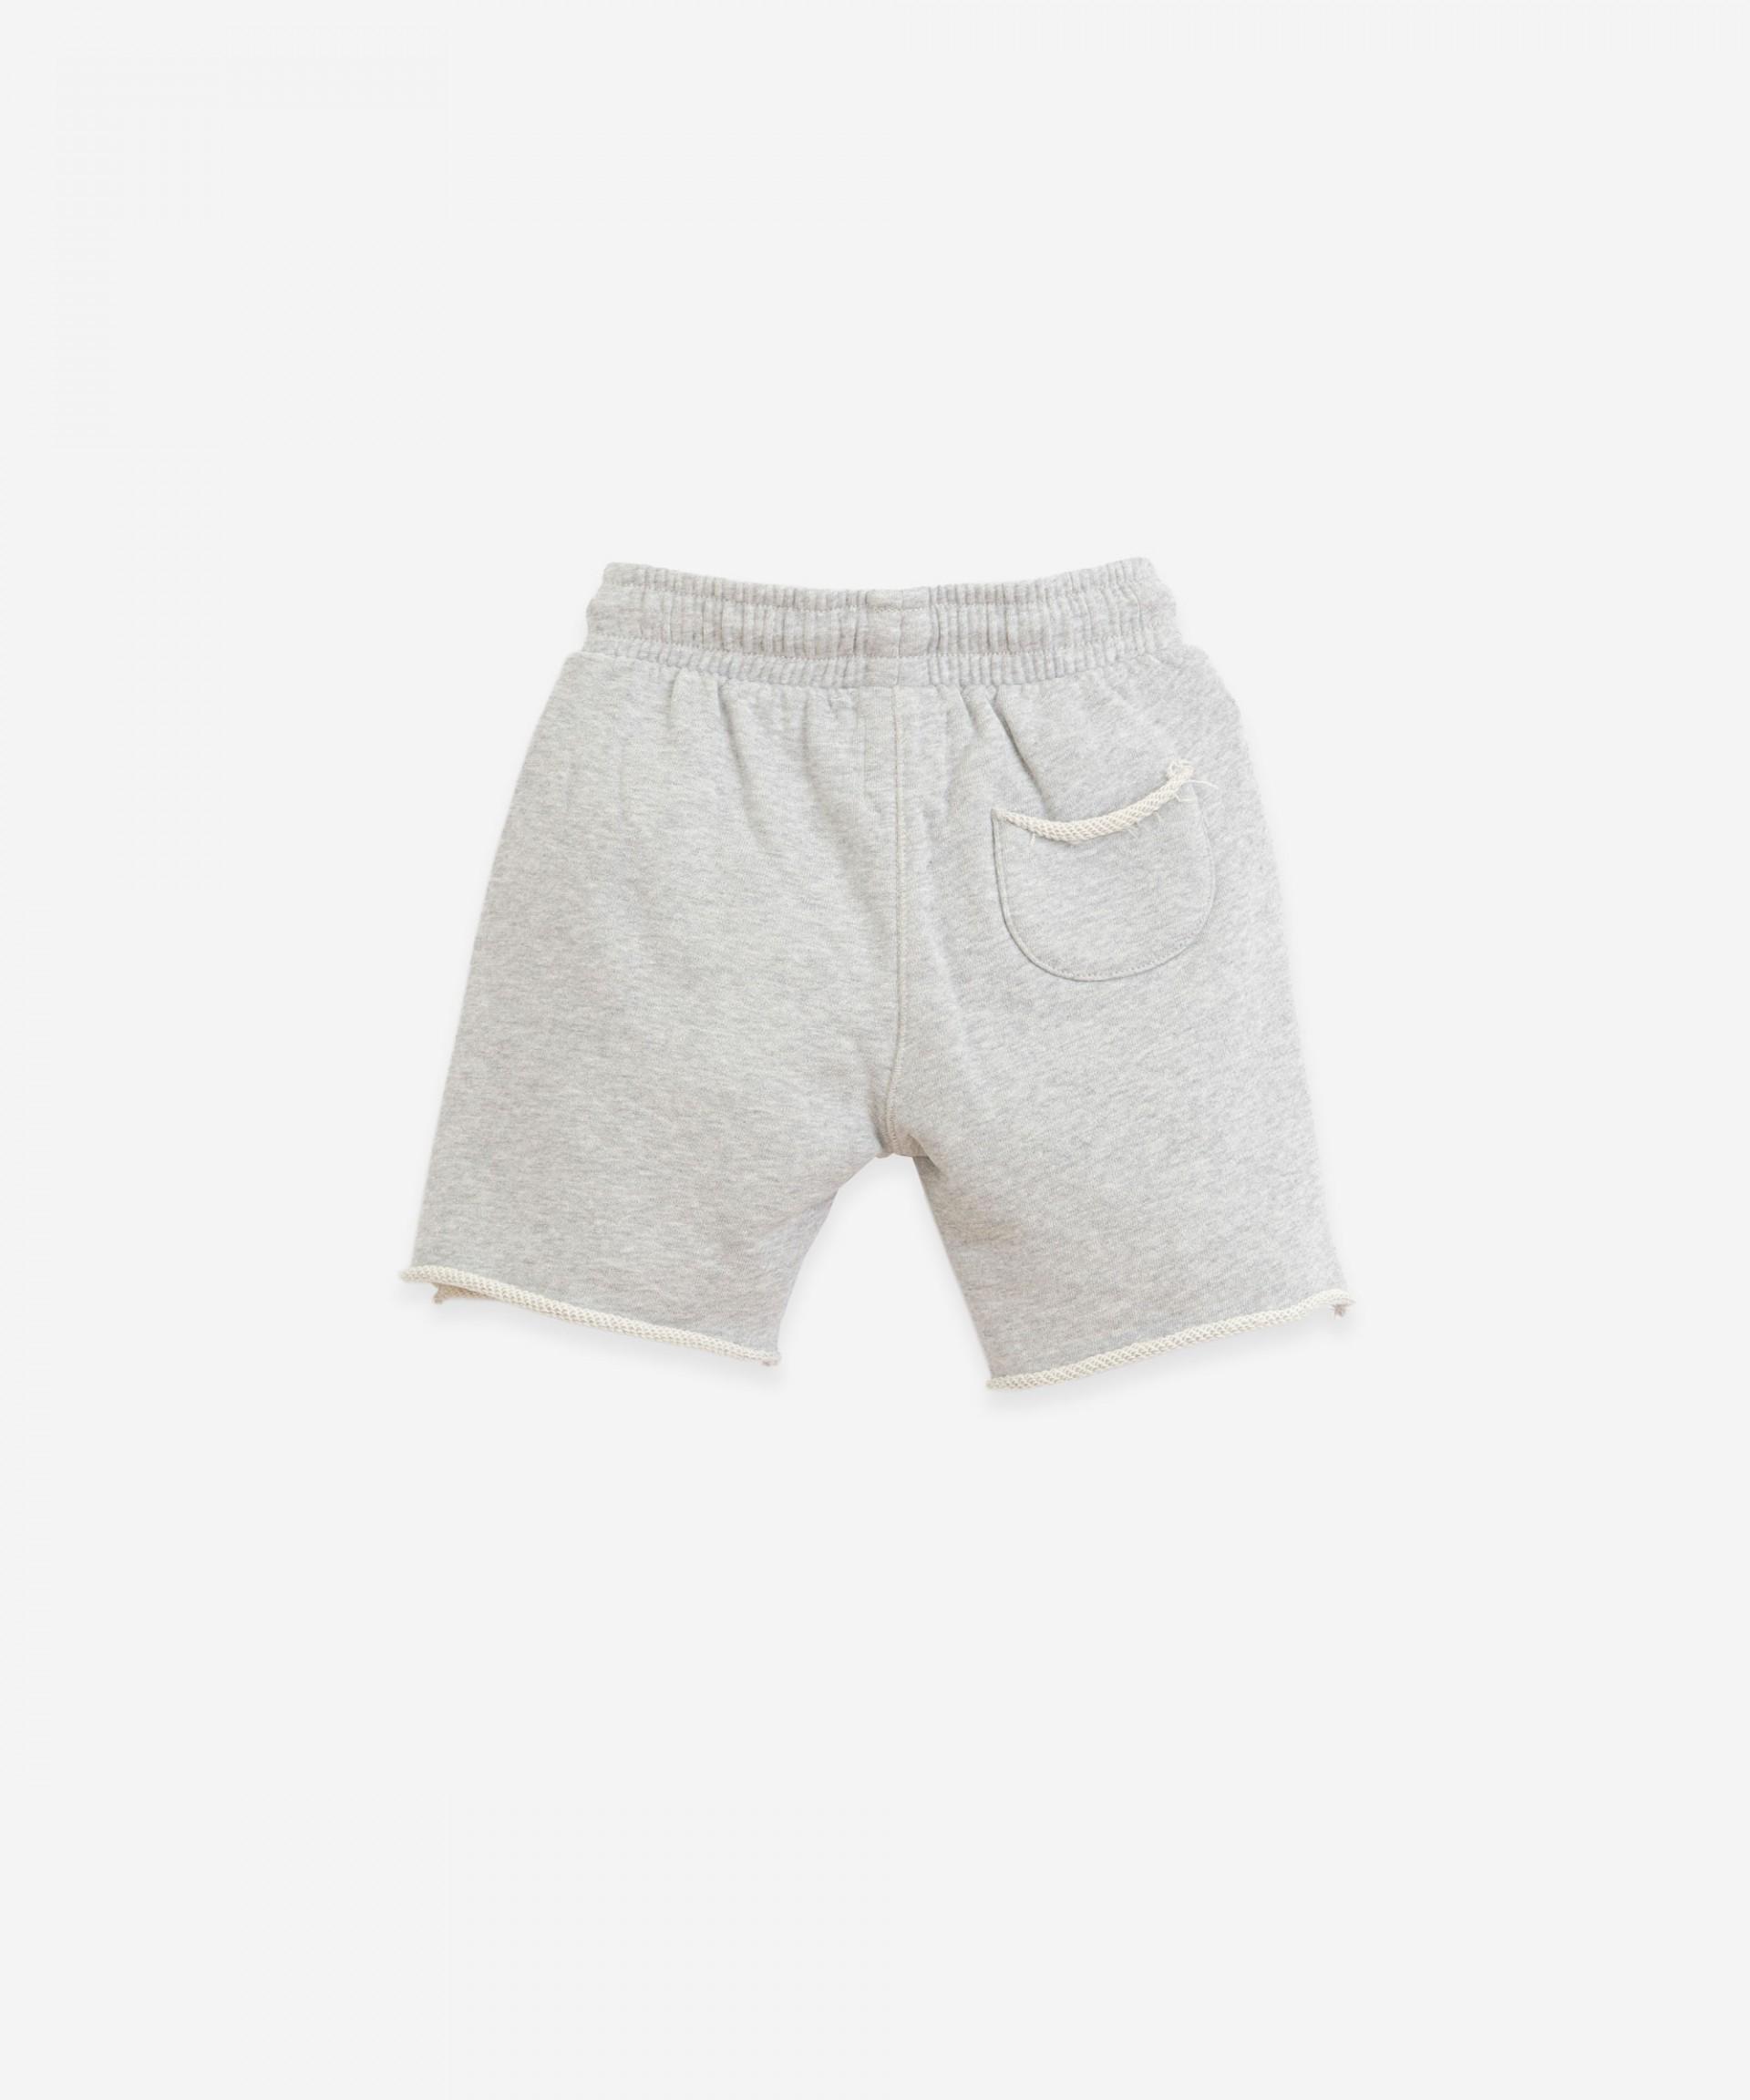 Shorts with pockets | Botany